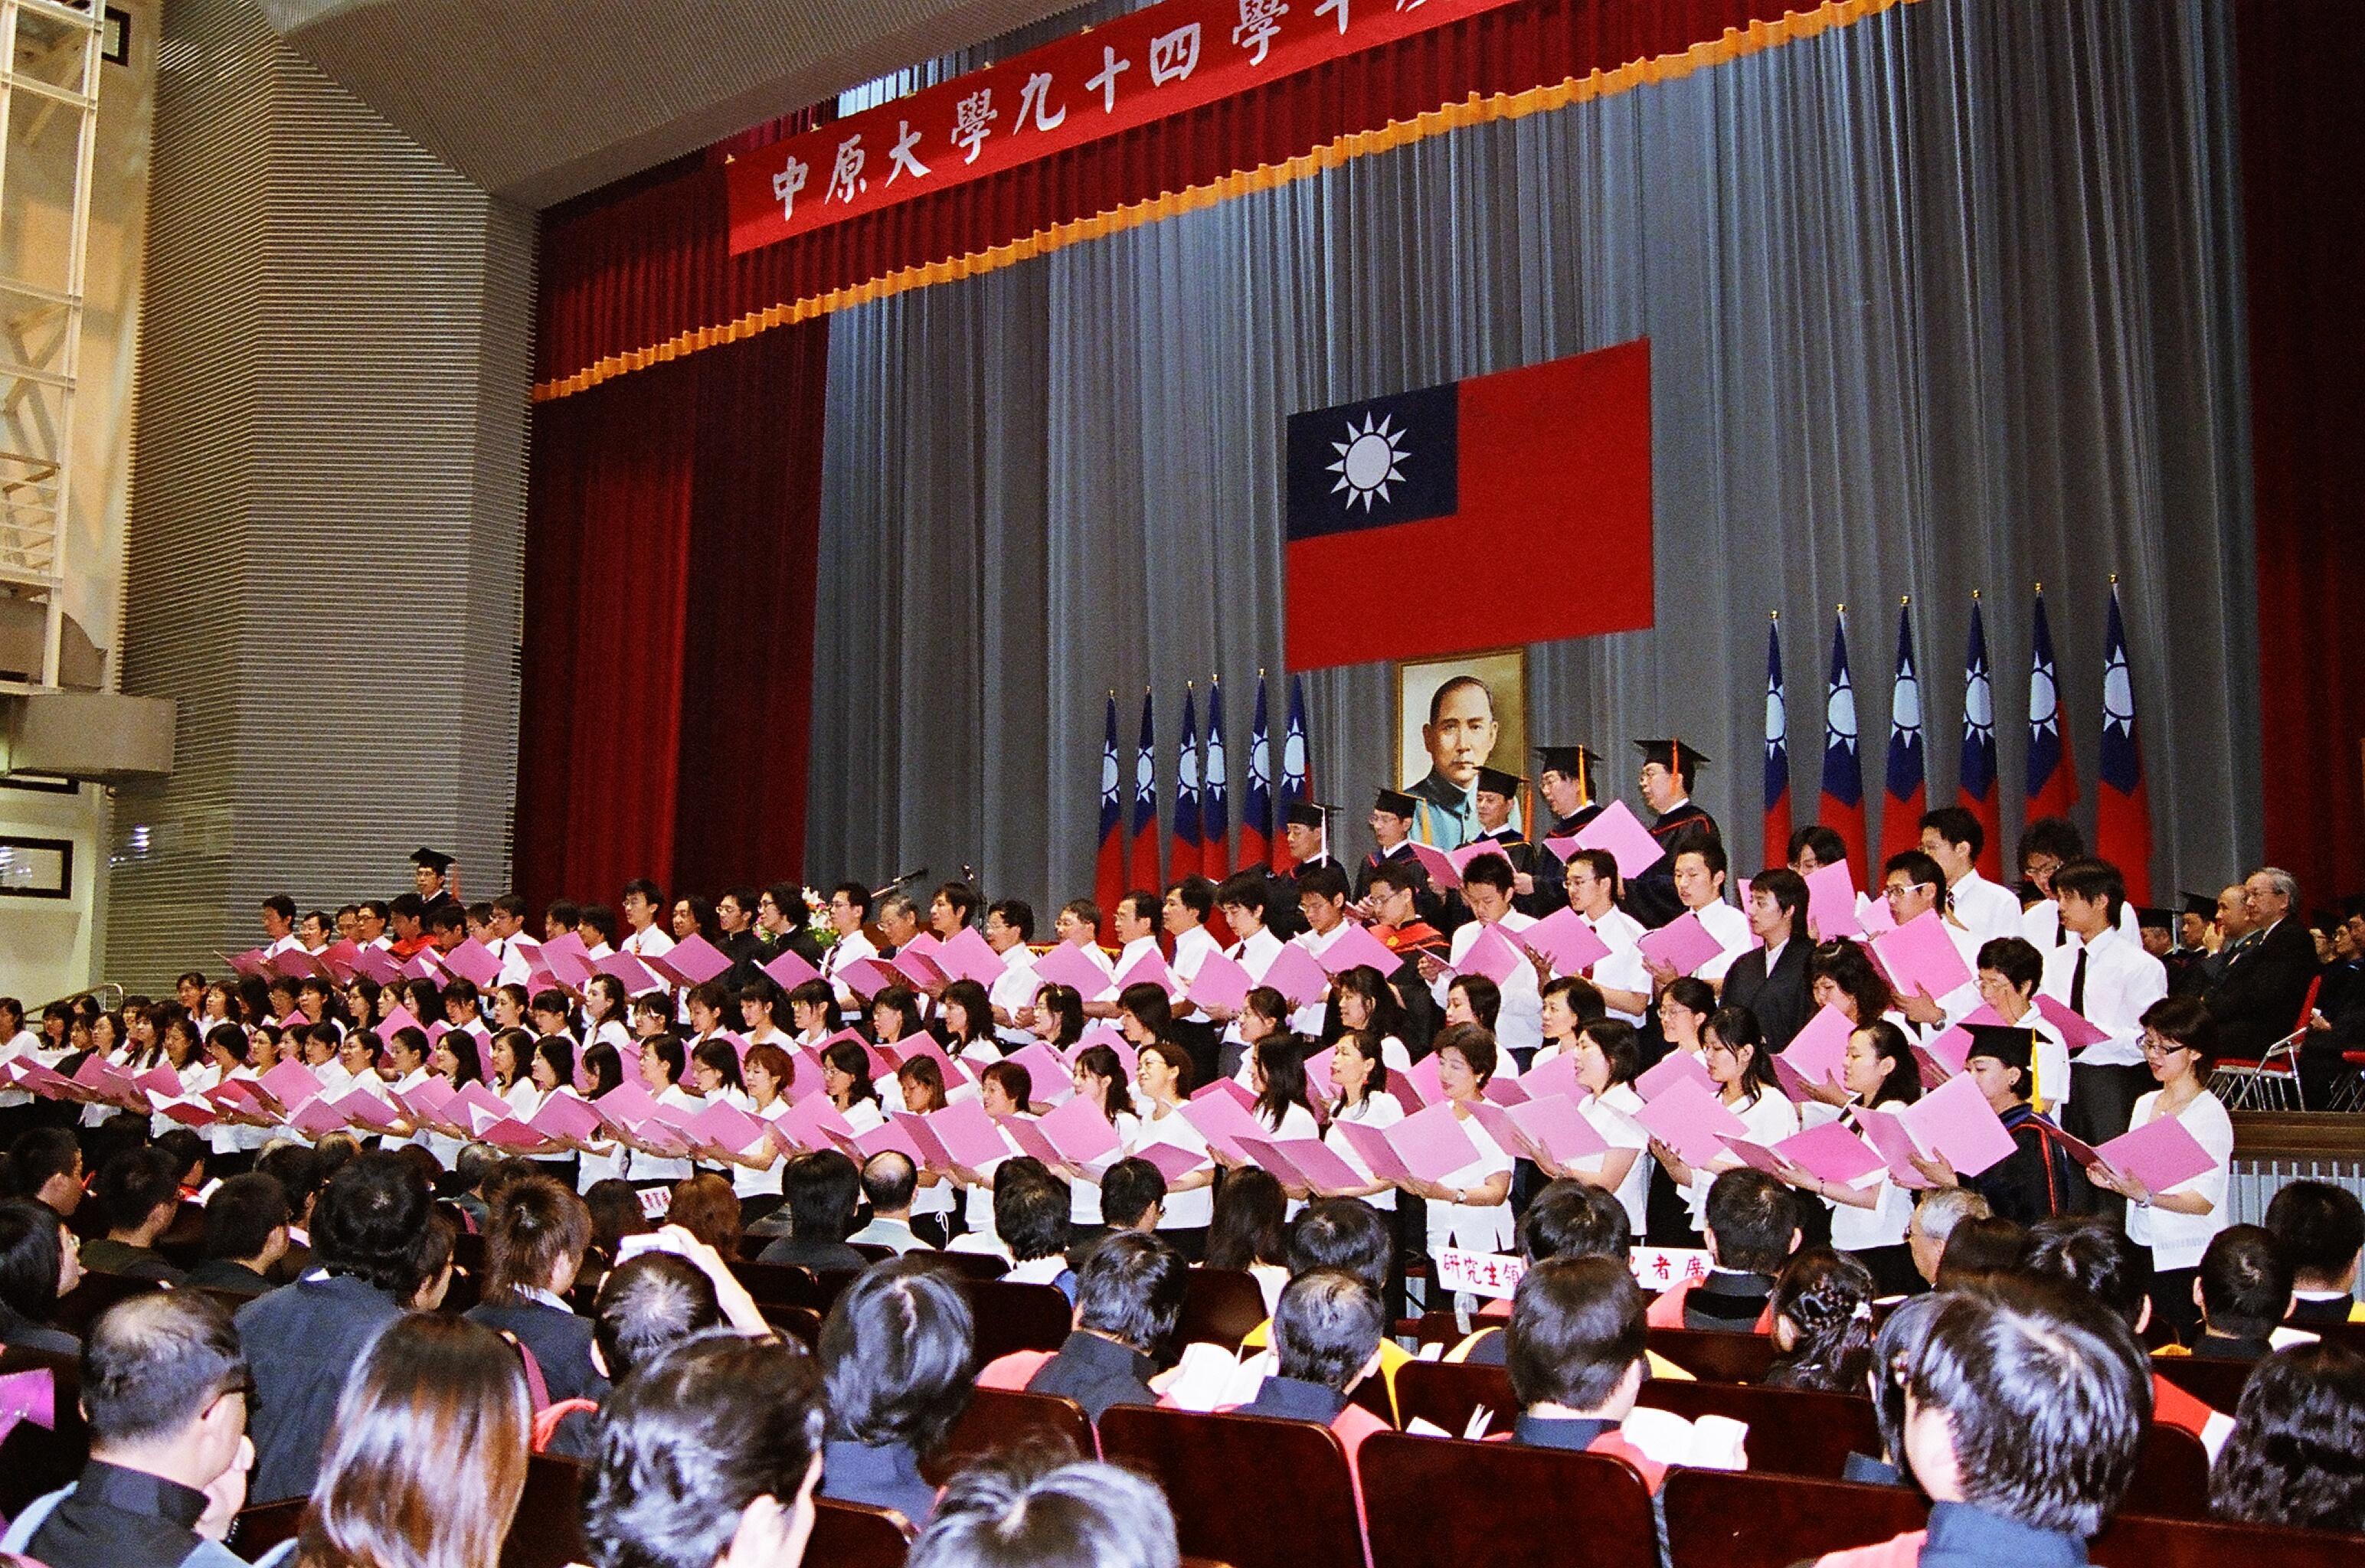 94學年度畢業典禮 6/3登場 天下文化高希均總裁蒞校演說